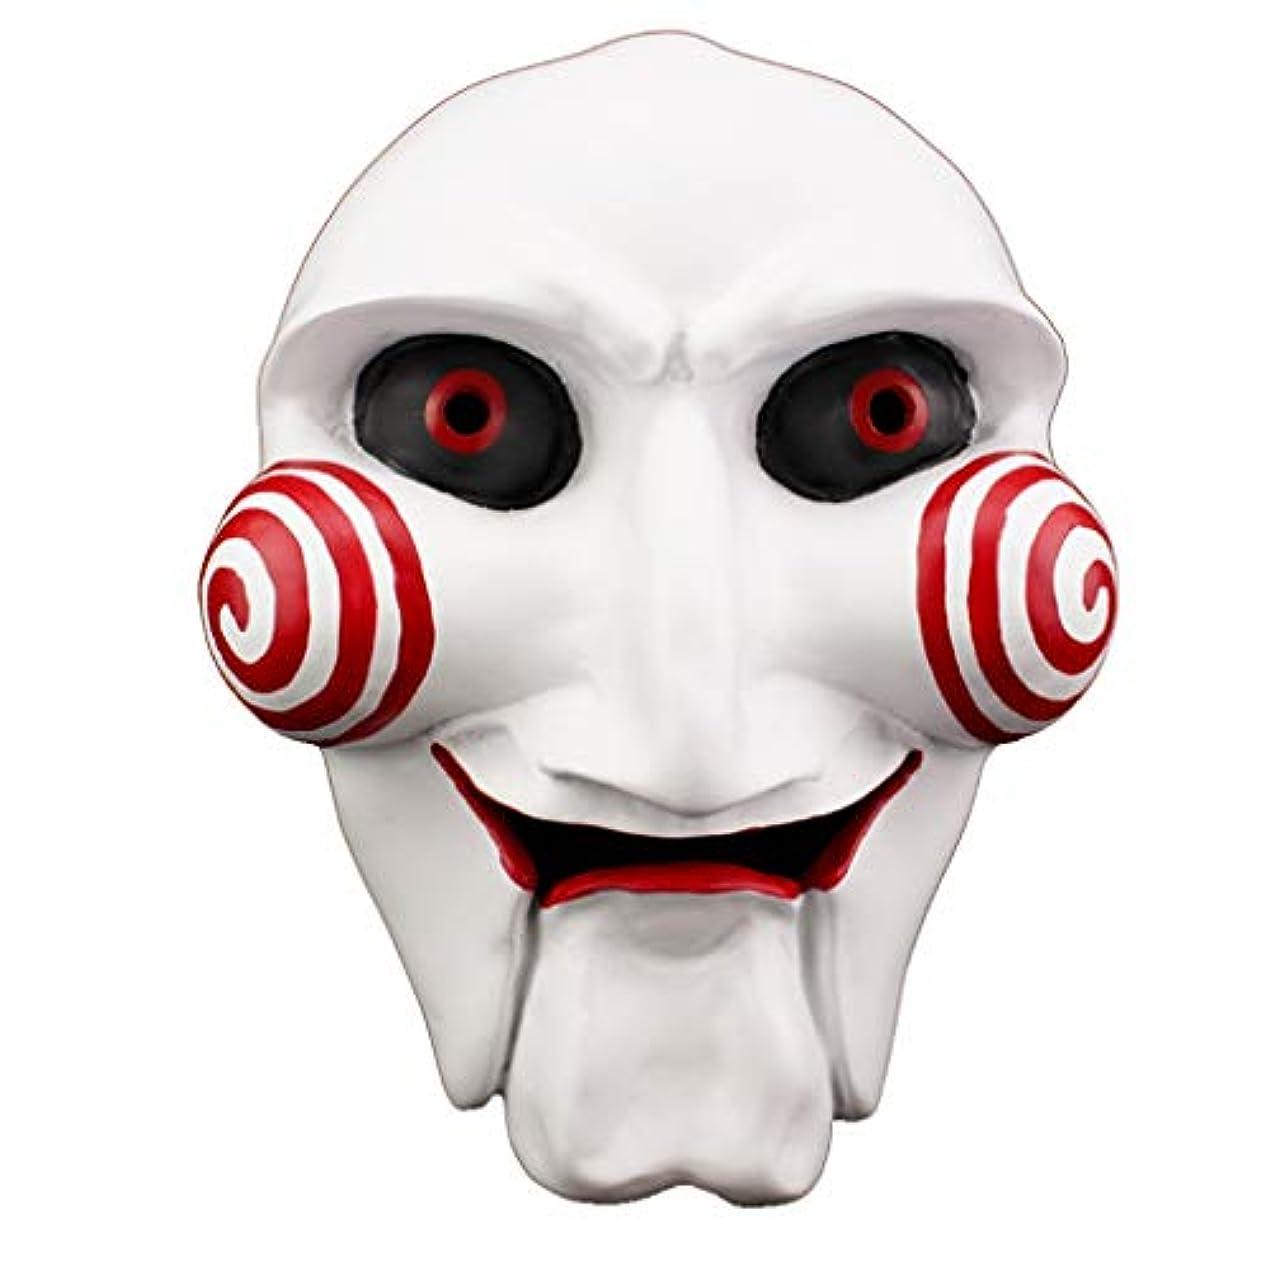 実り多い現代の参照ハロウィンホラーマスクダンスパーティーメンズキラーデビルメイク樹脂マスク